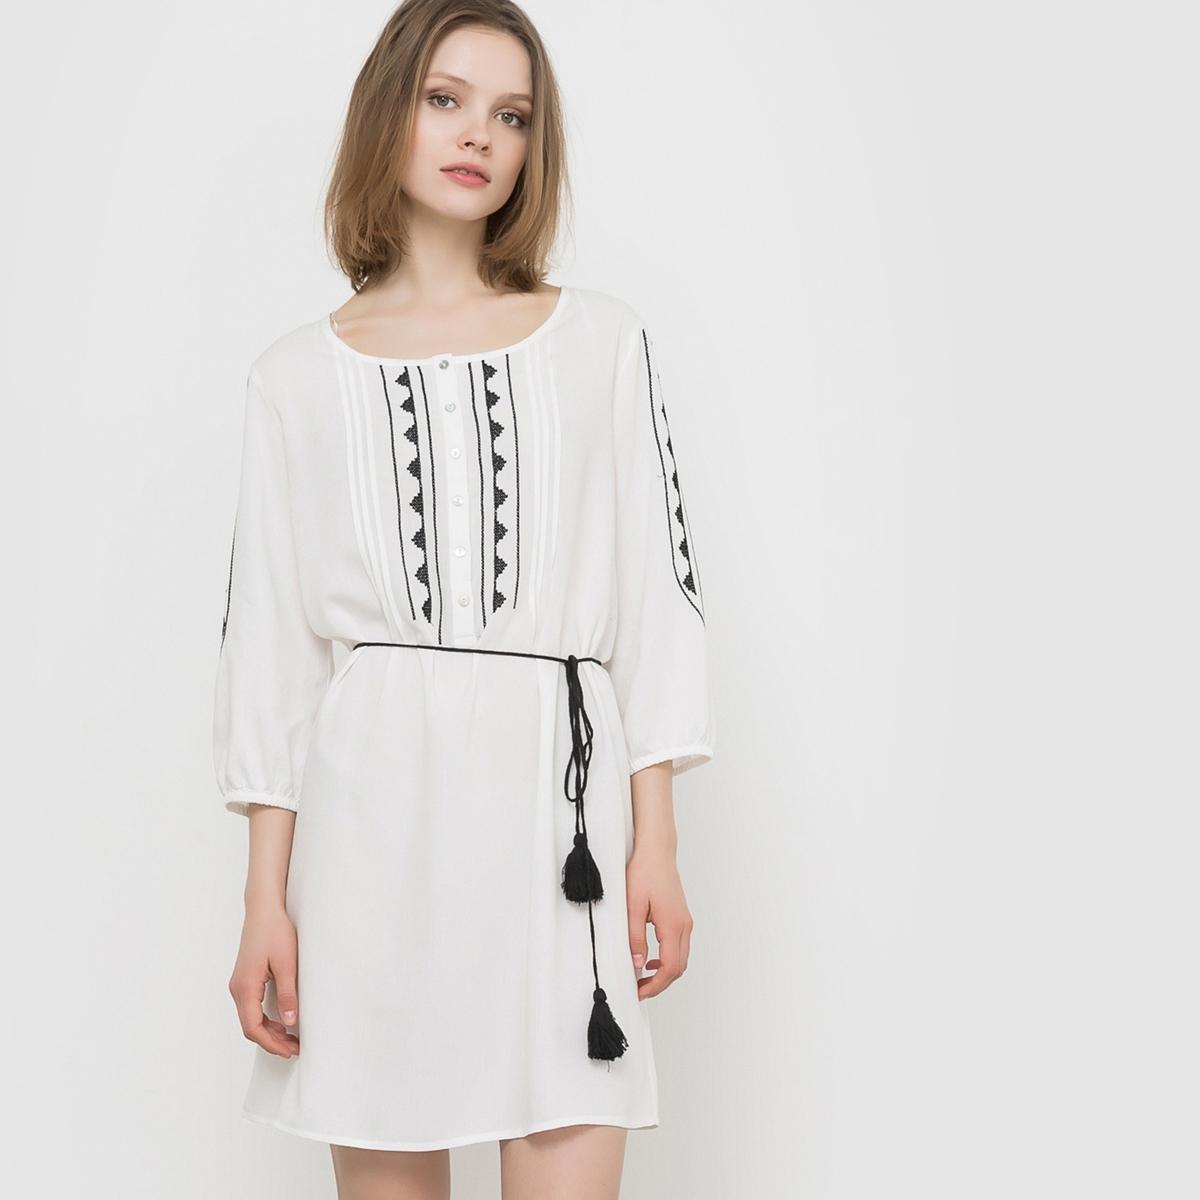 Платье с рукавами ¾, с вышивкой, пояс с помпонами B.YOUNG ELLA DRESS